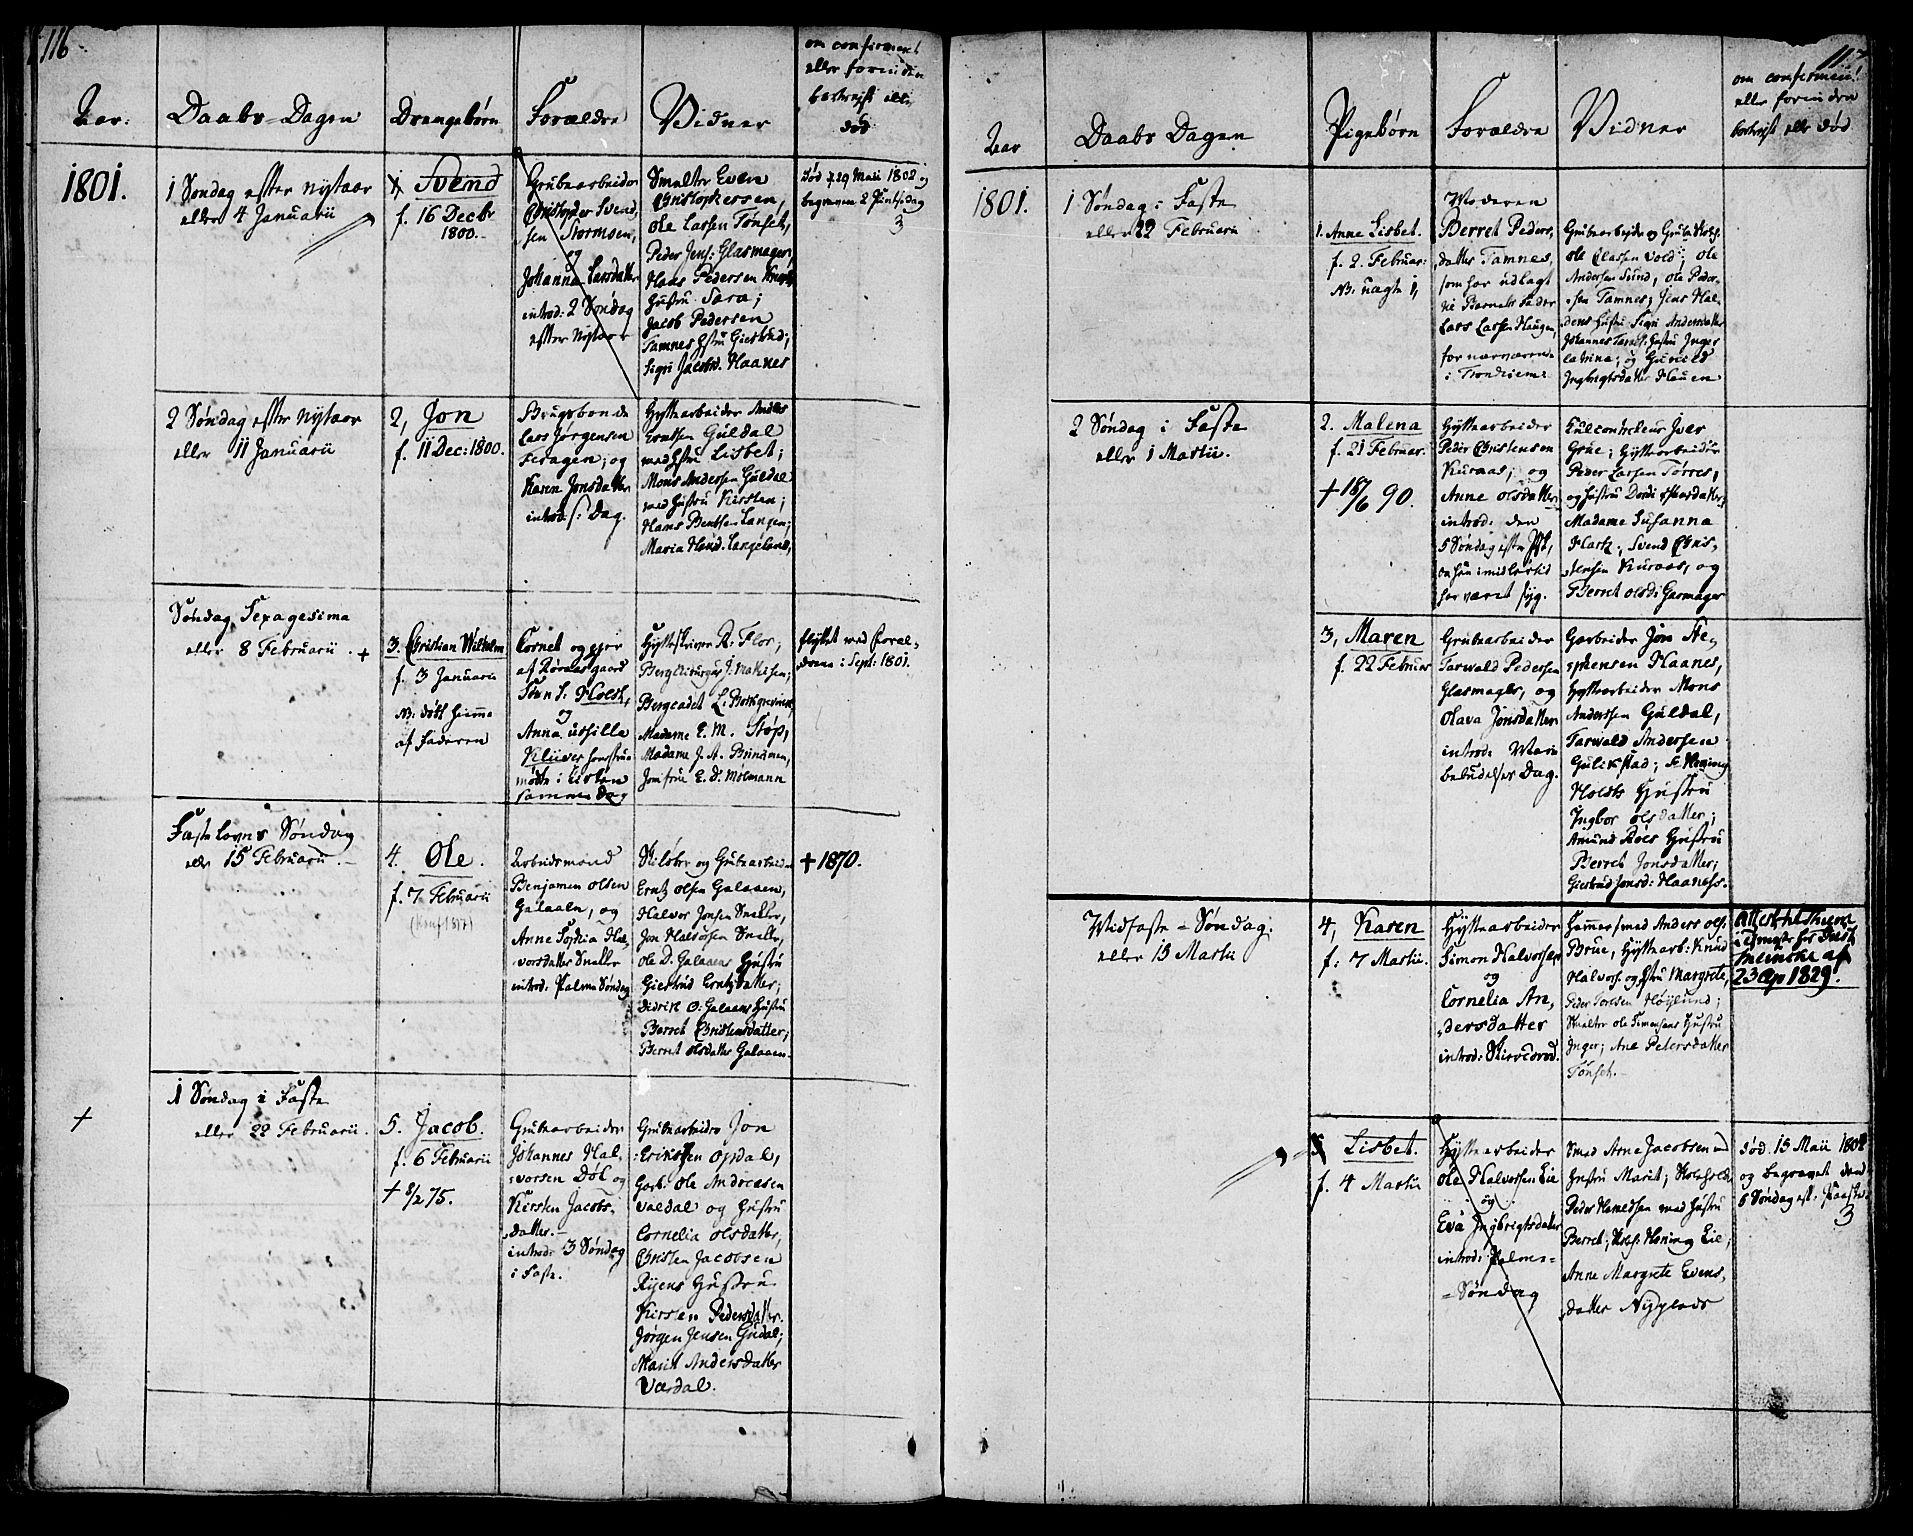 SAT, Ministerialprotokoller, klokkerbøker og fødselsregistre - Sør-Trøndelag, 681/L0927: Ministerialbok nr. 681A05, 1798-1808, s. 116-117